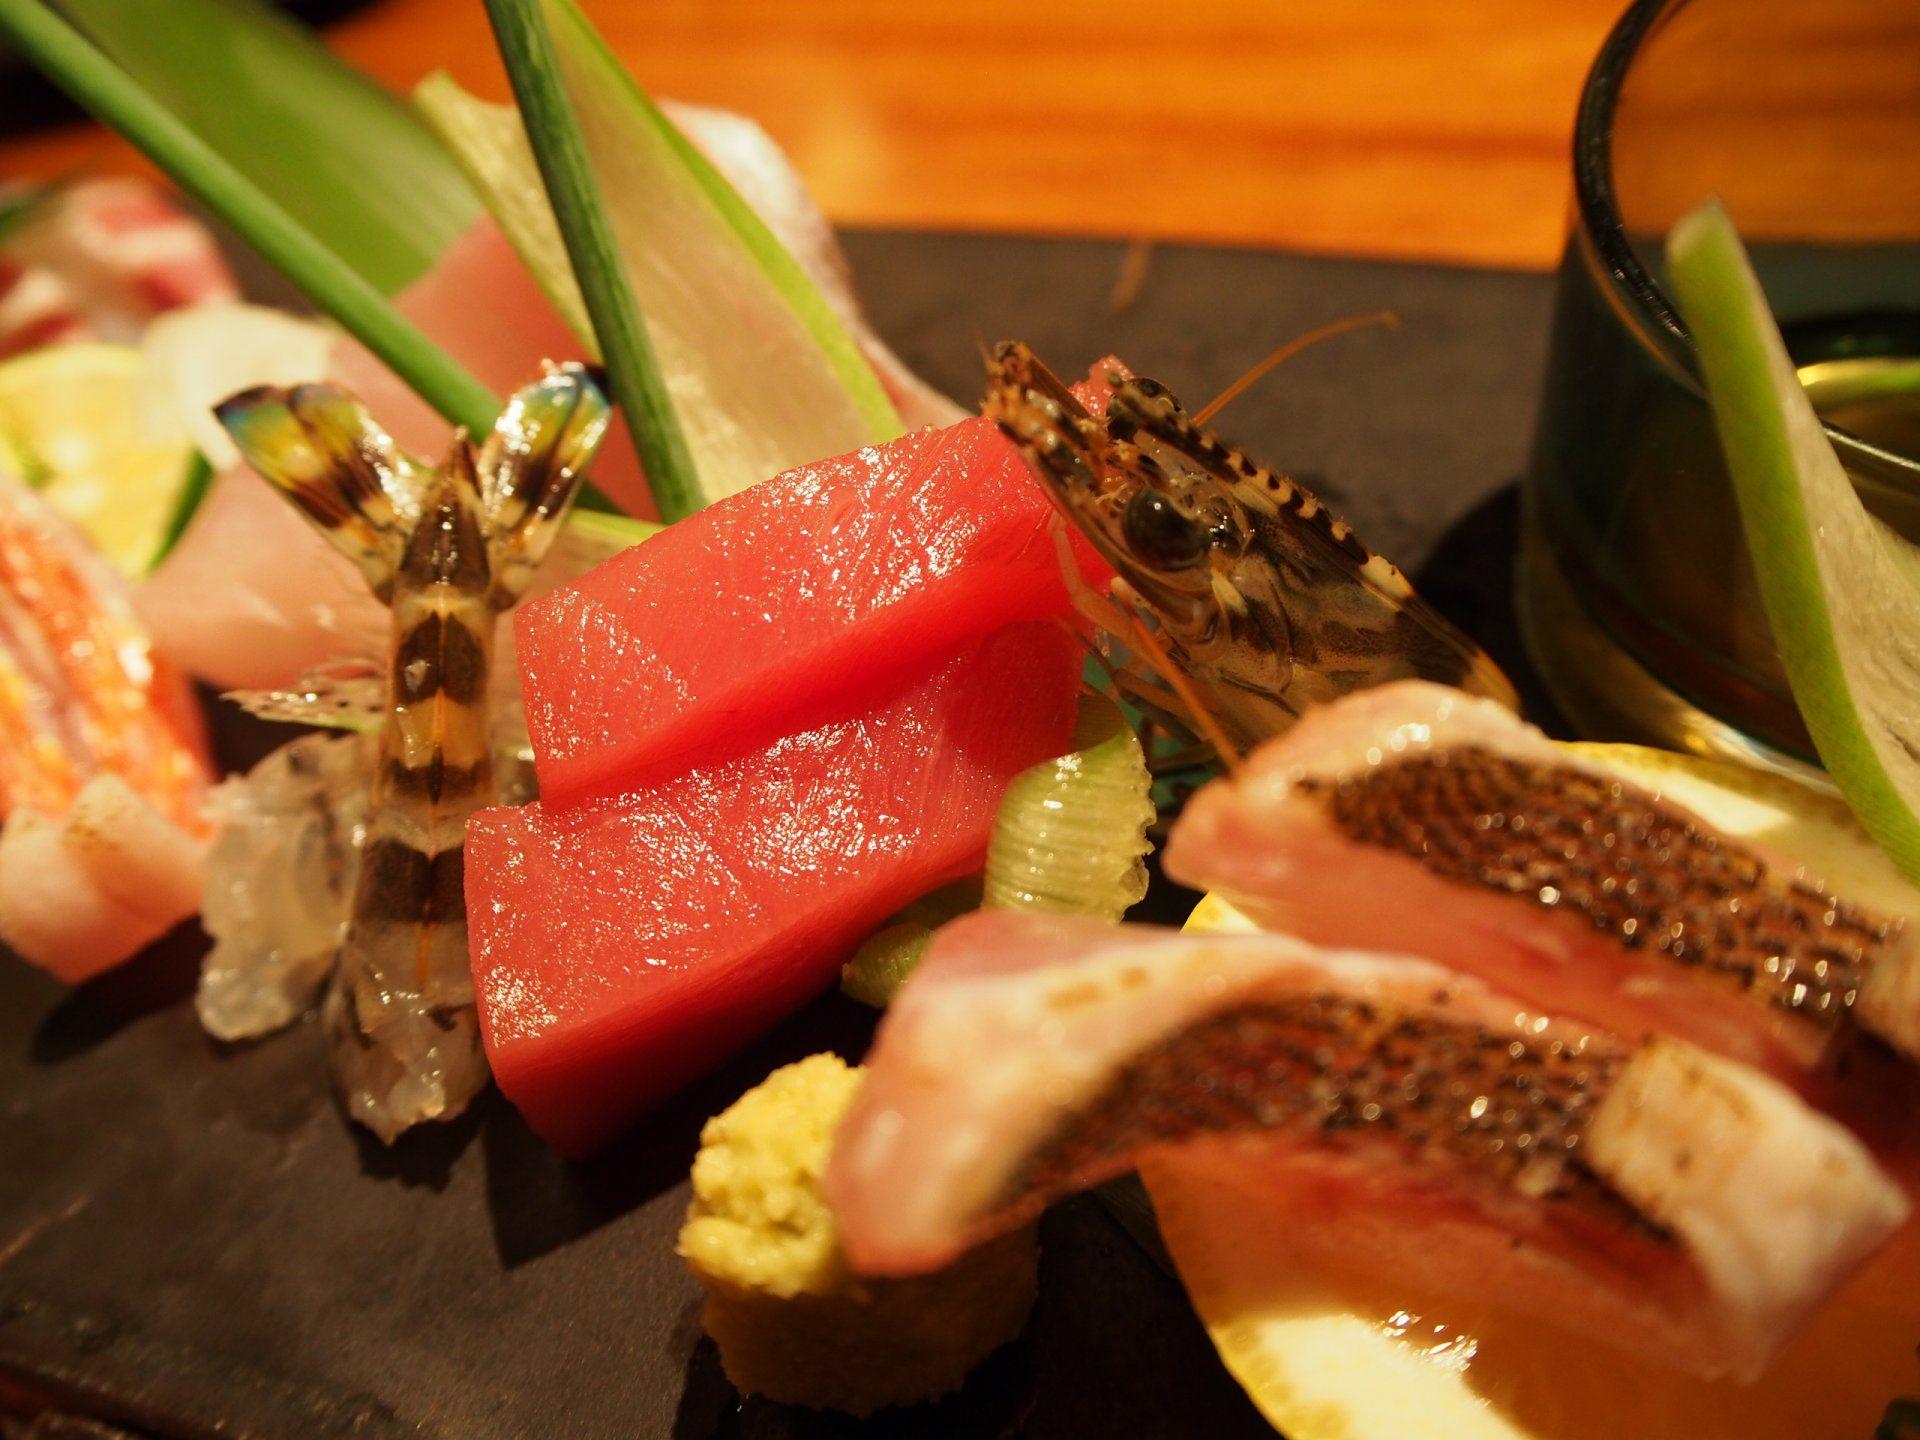 新鮮的肉類與魚介類8樣拼盤